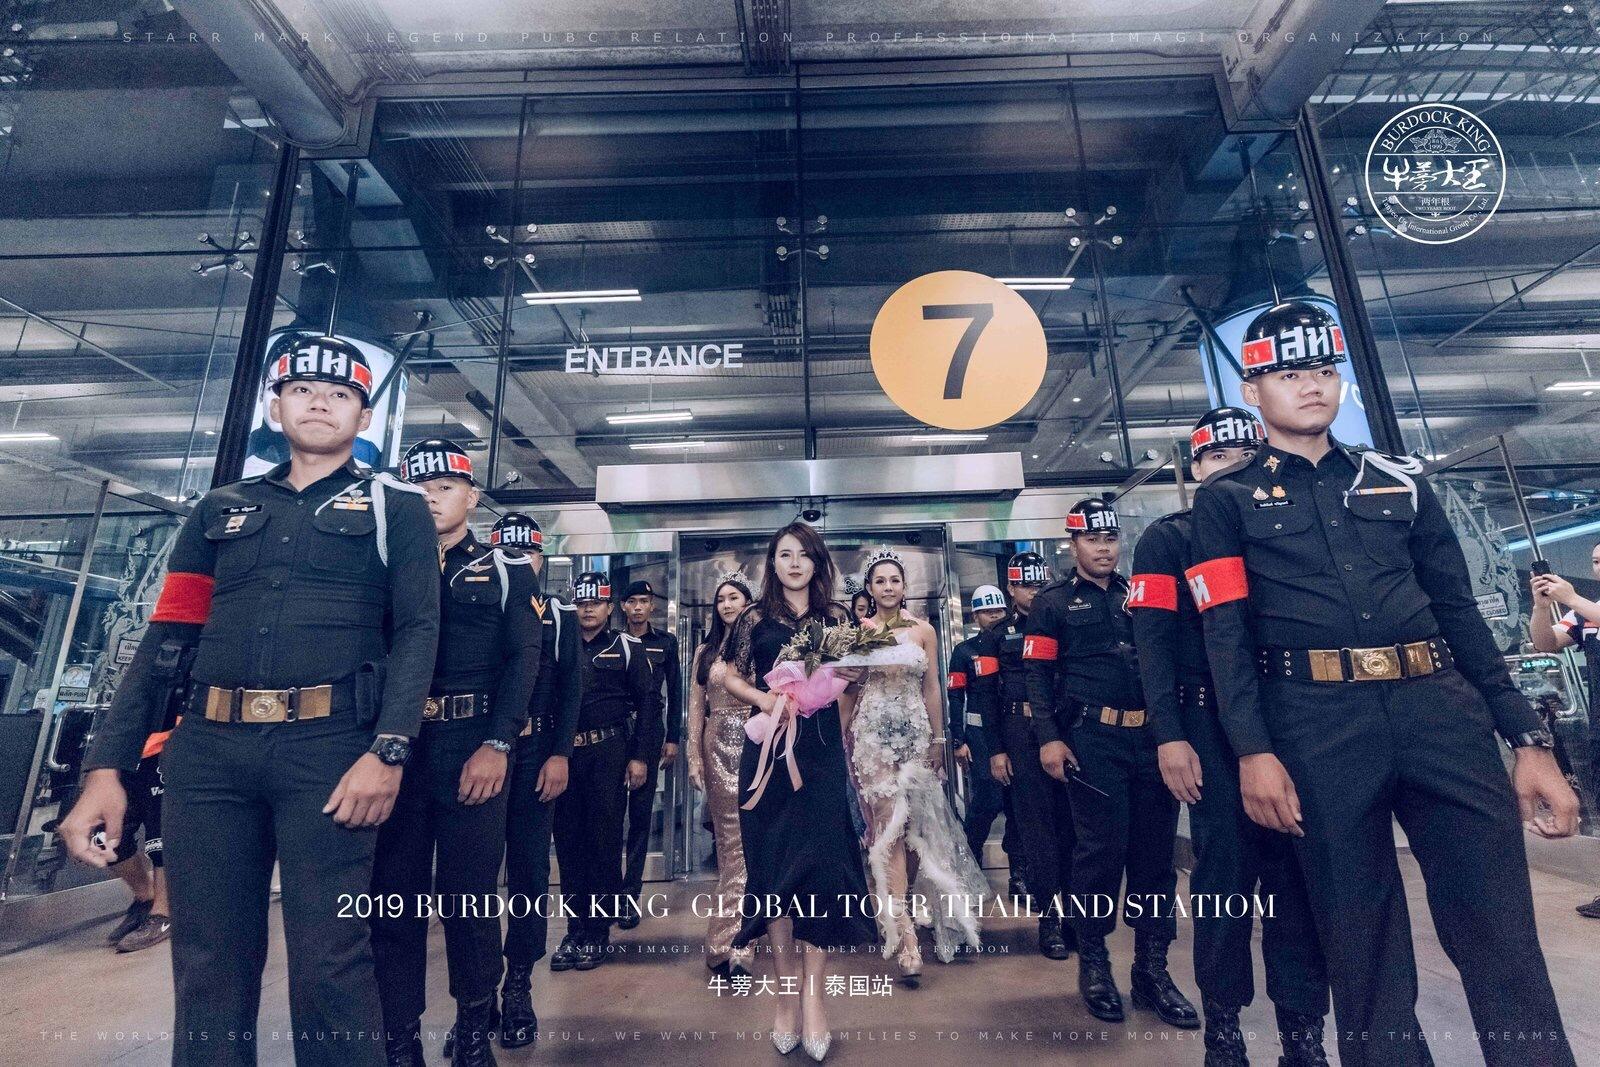 牛蒡大王泰国站